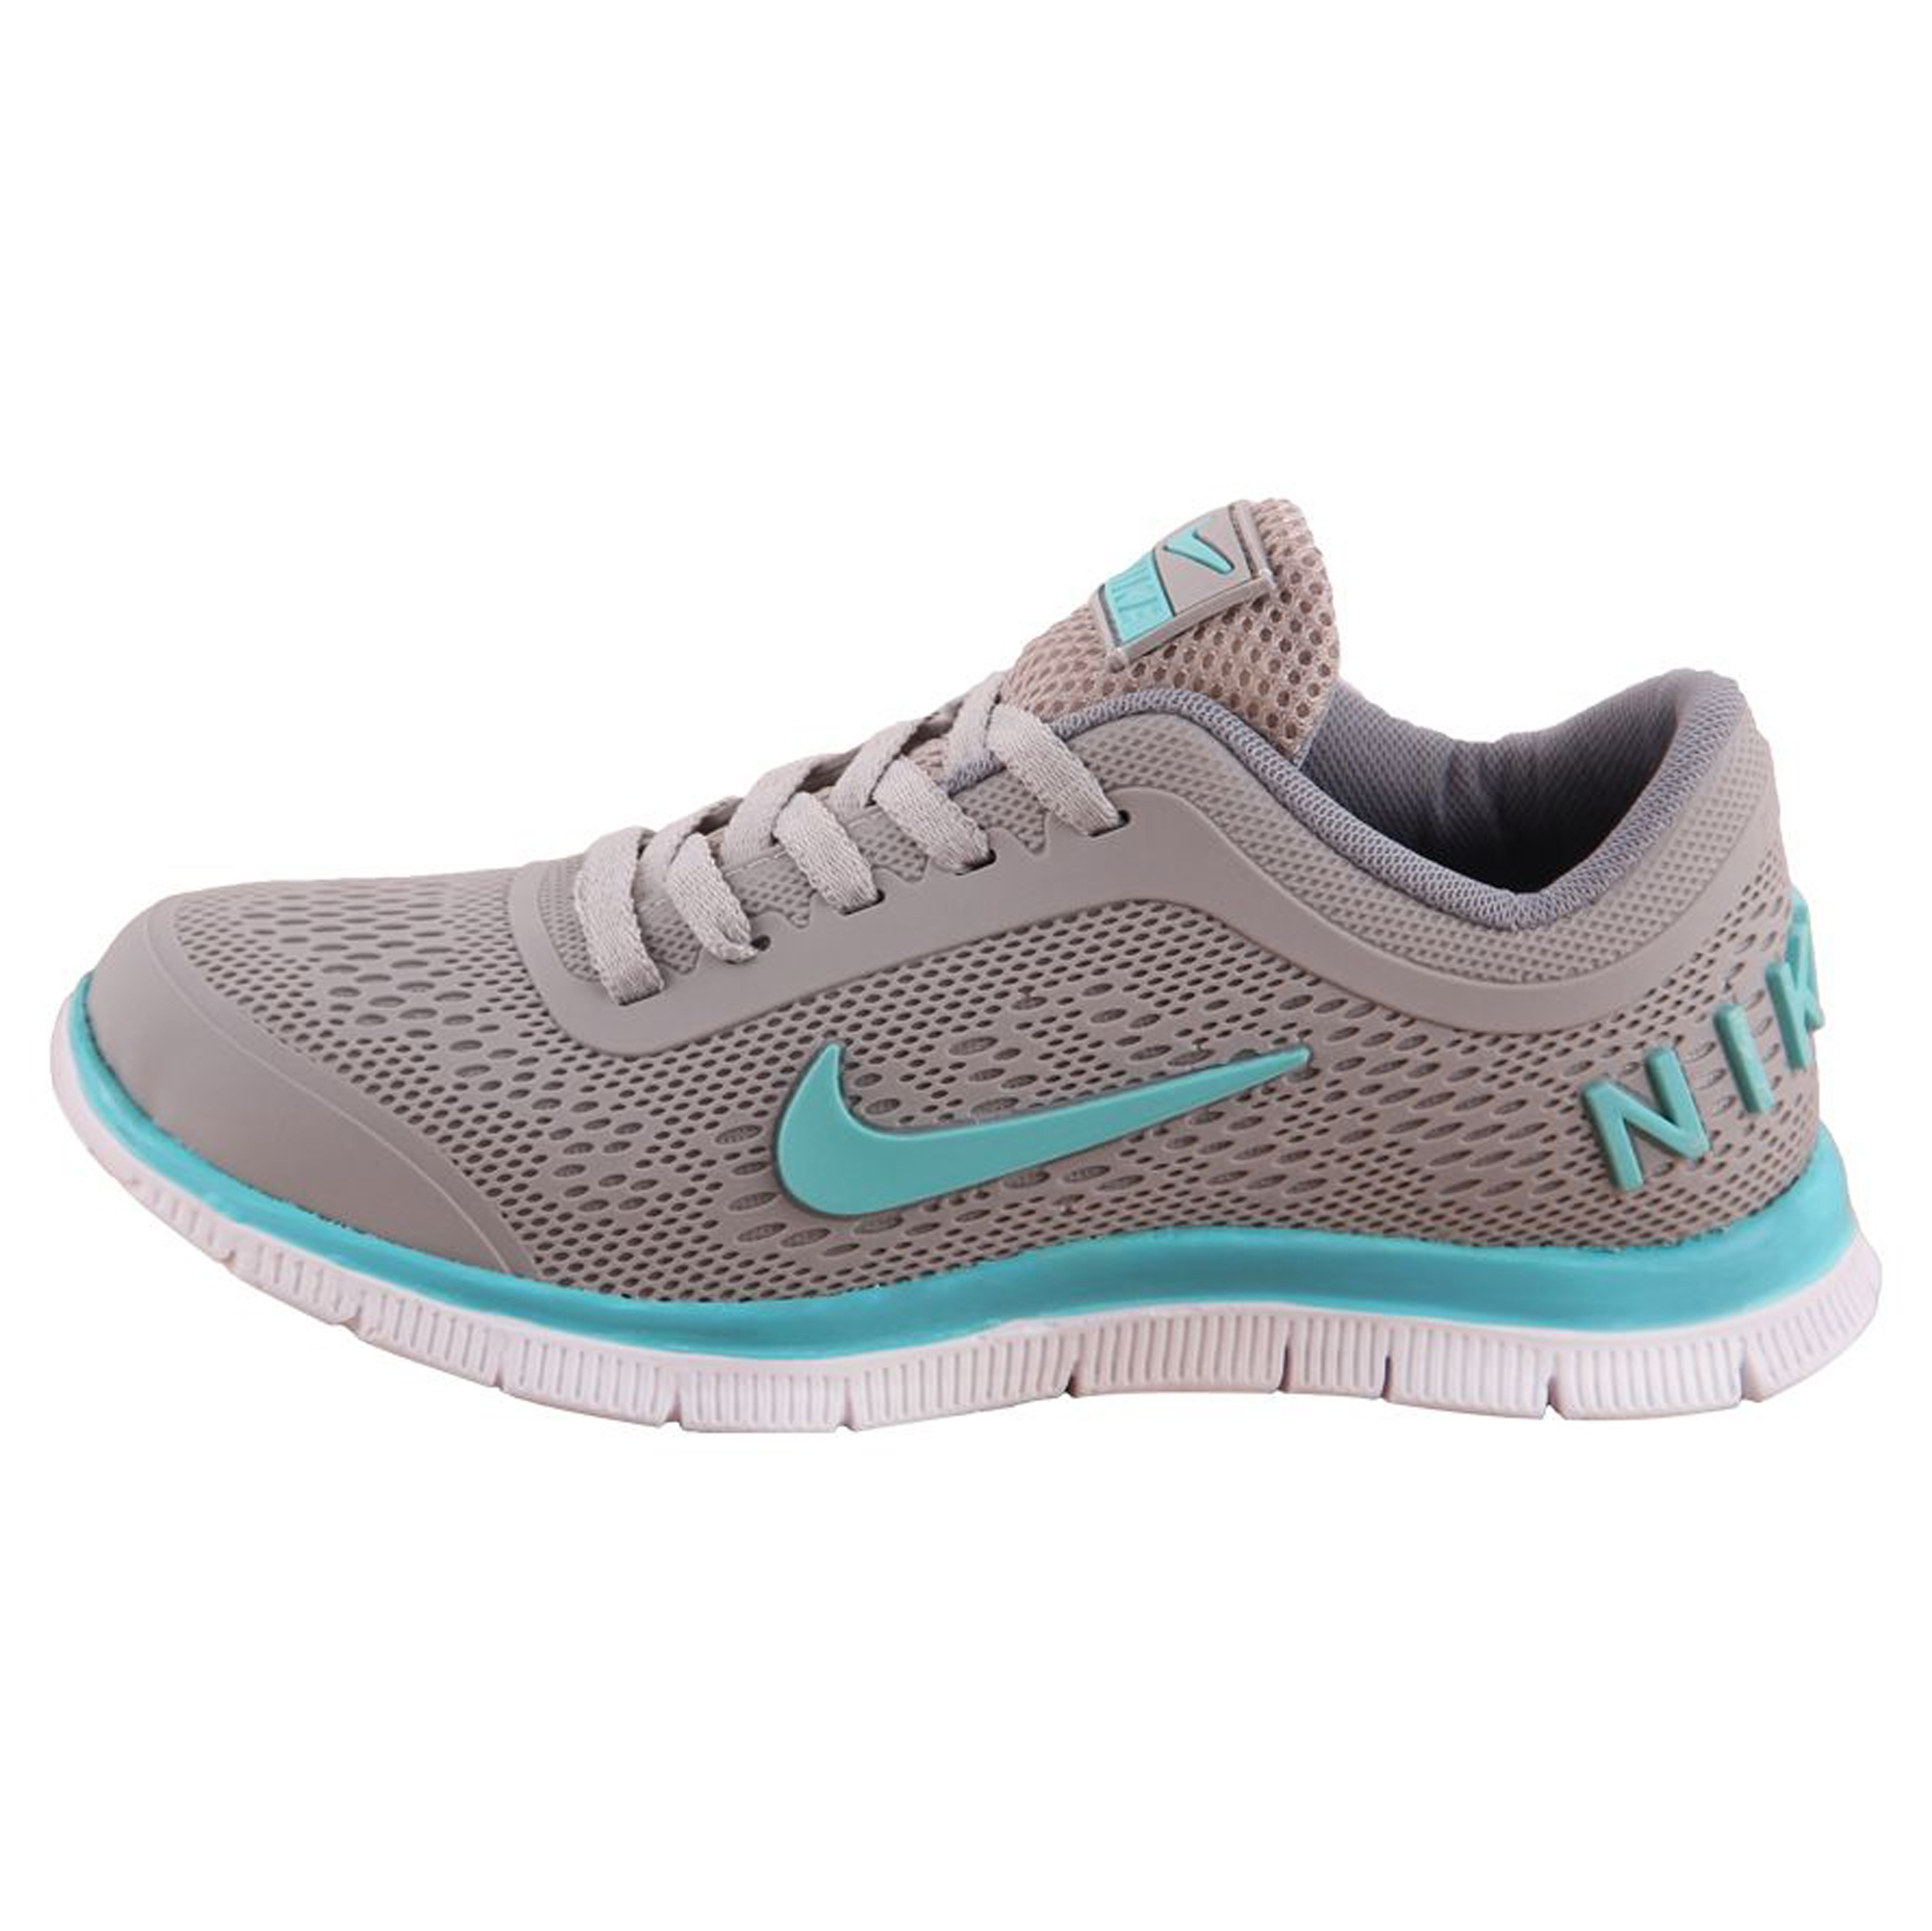 کفش مخصوص پیاده روی زنانه کد 120-1396331